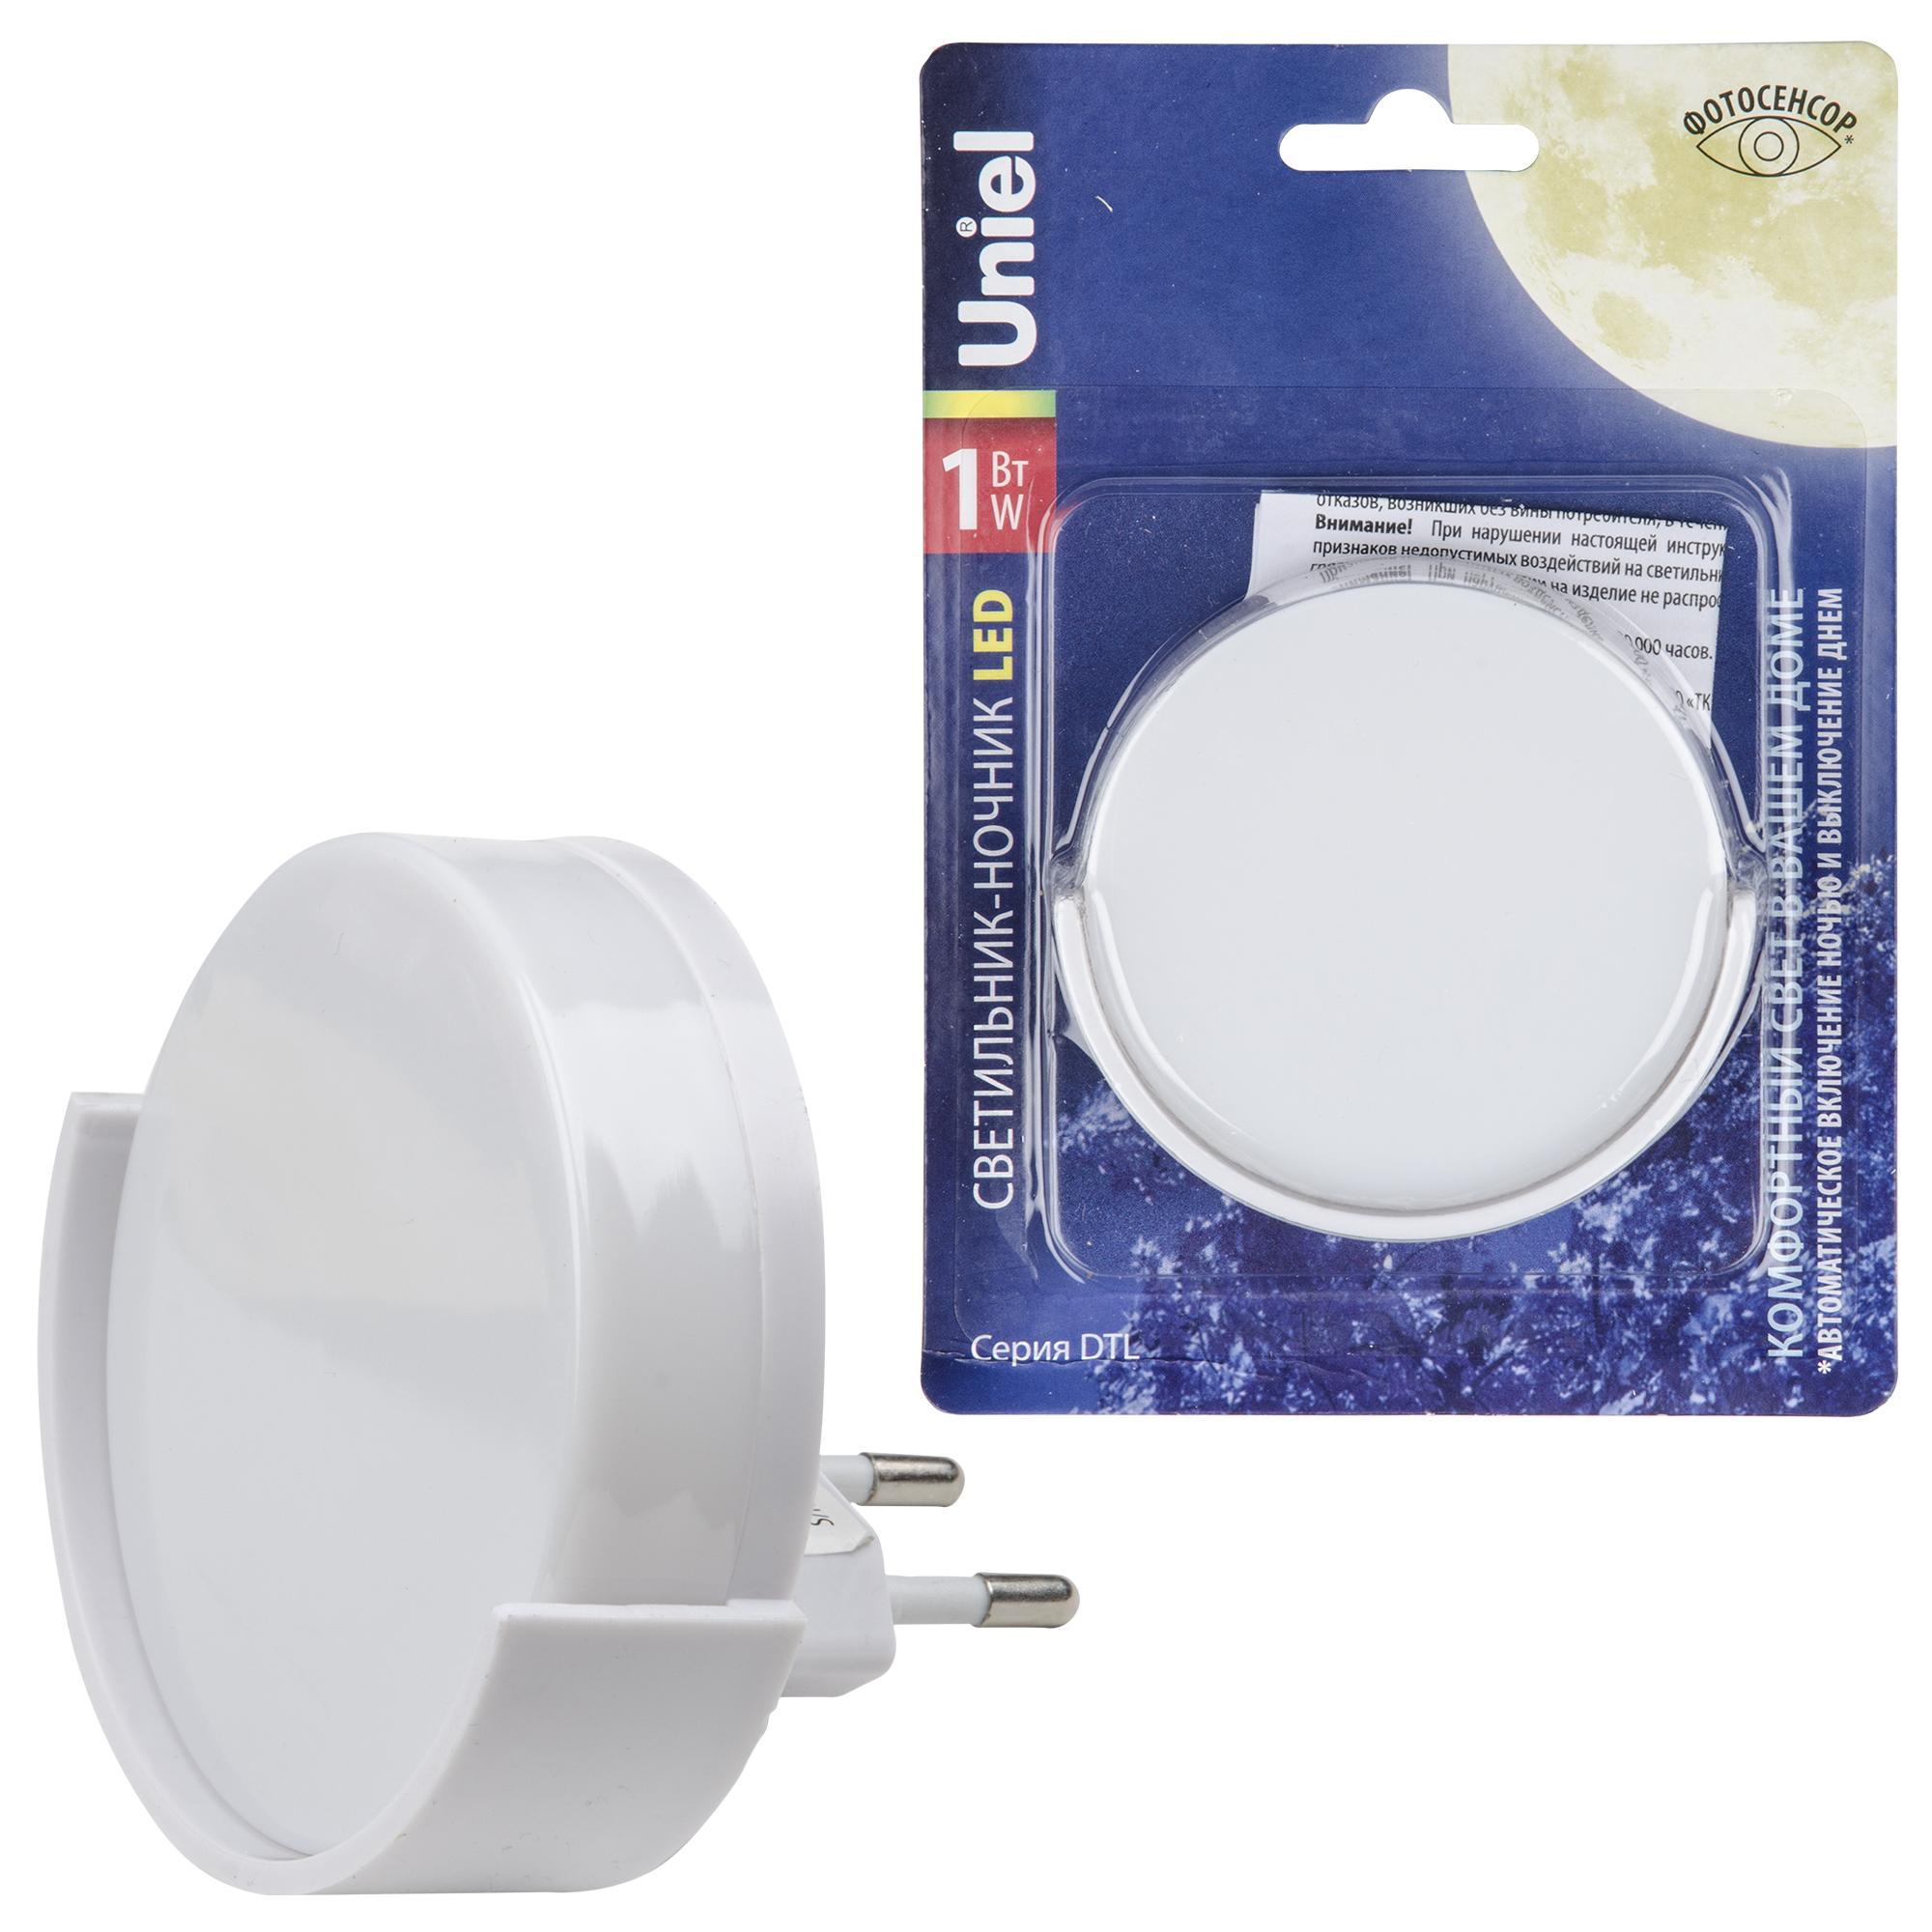 DTL-316 Круг/White/Sensor